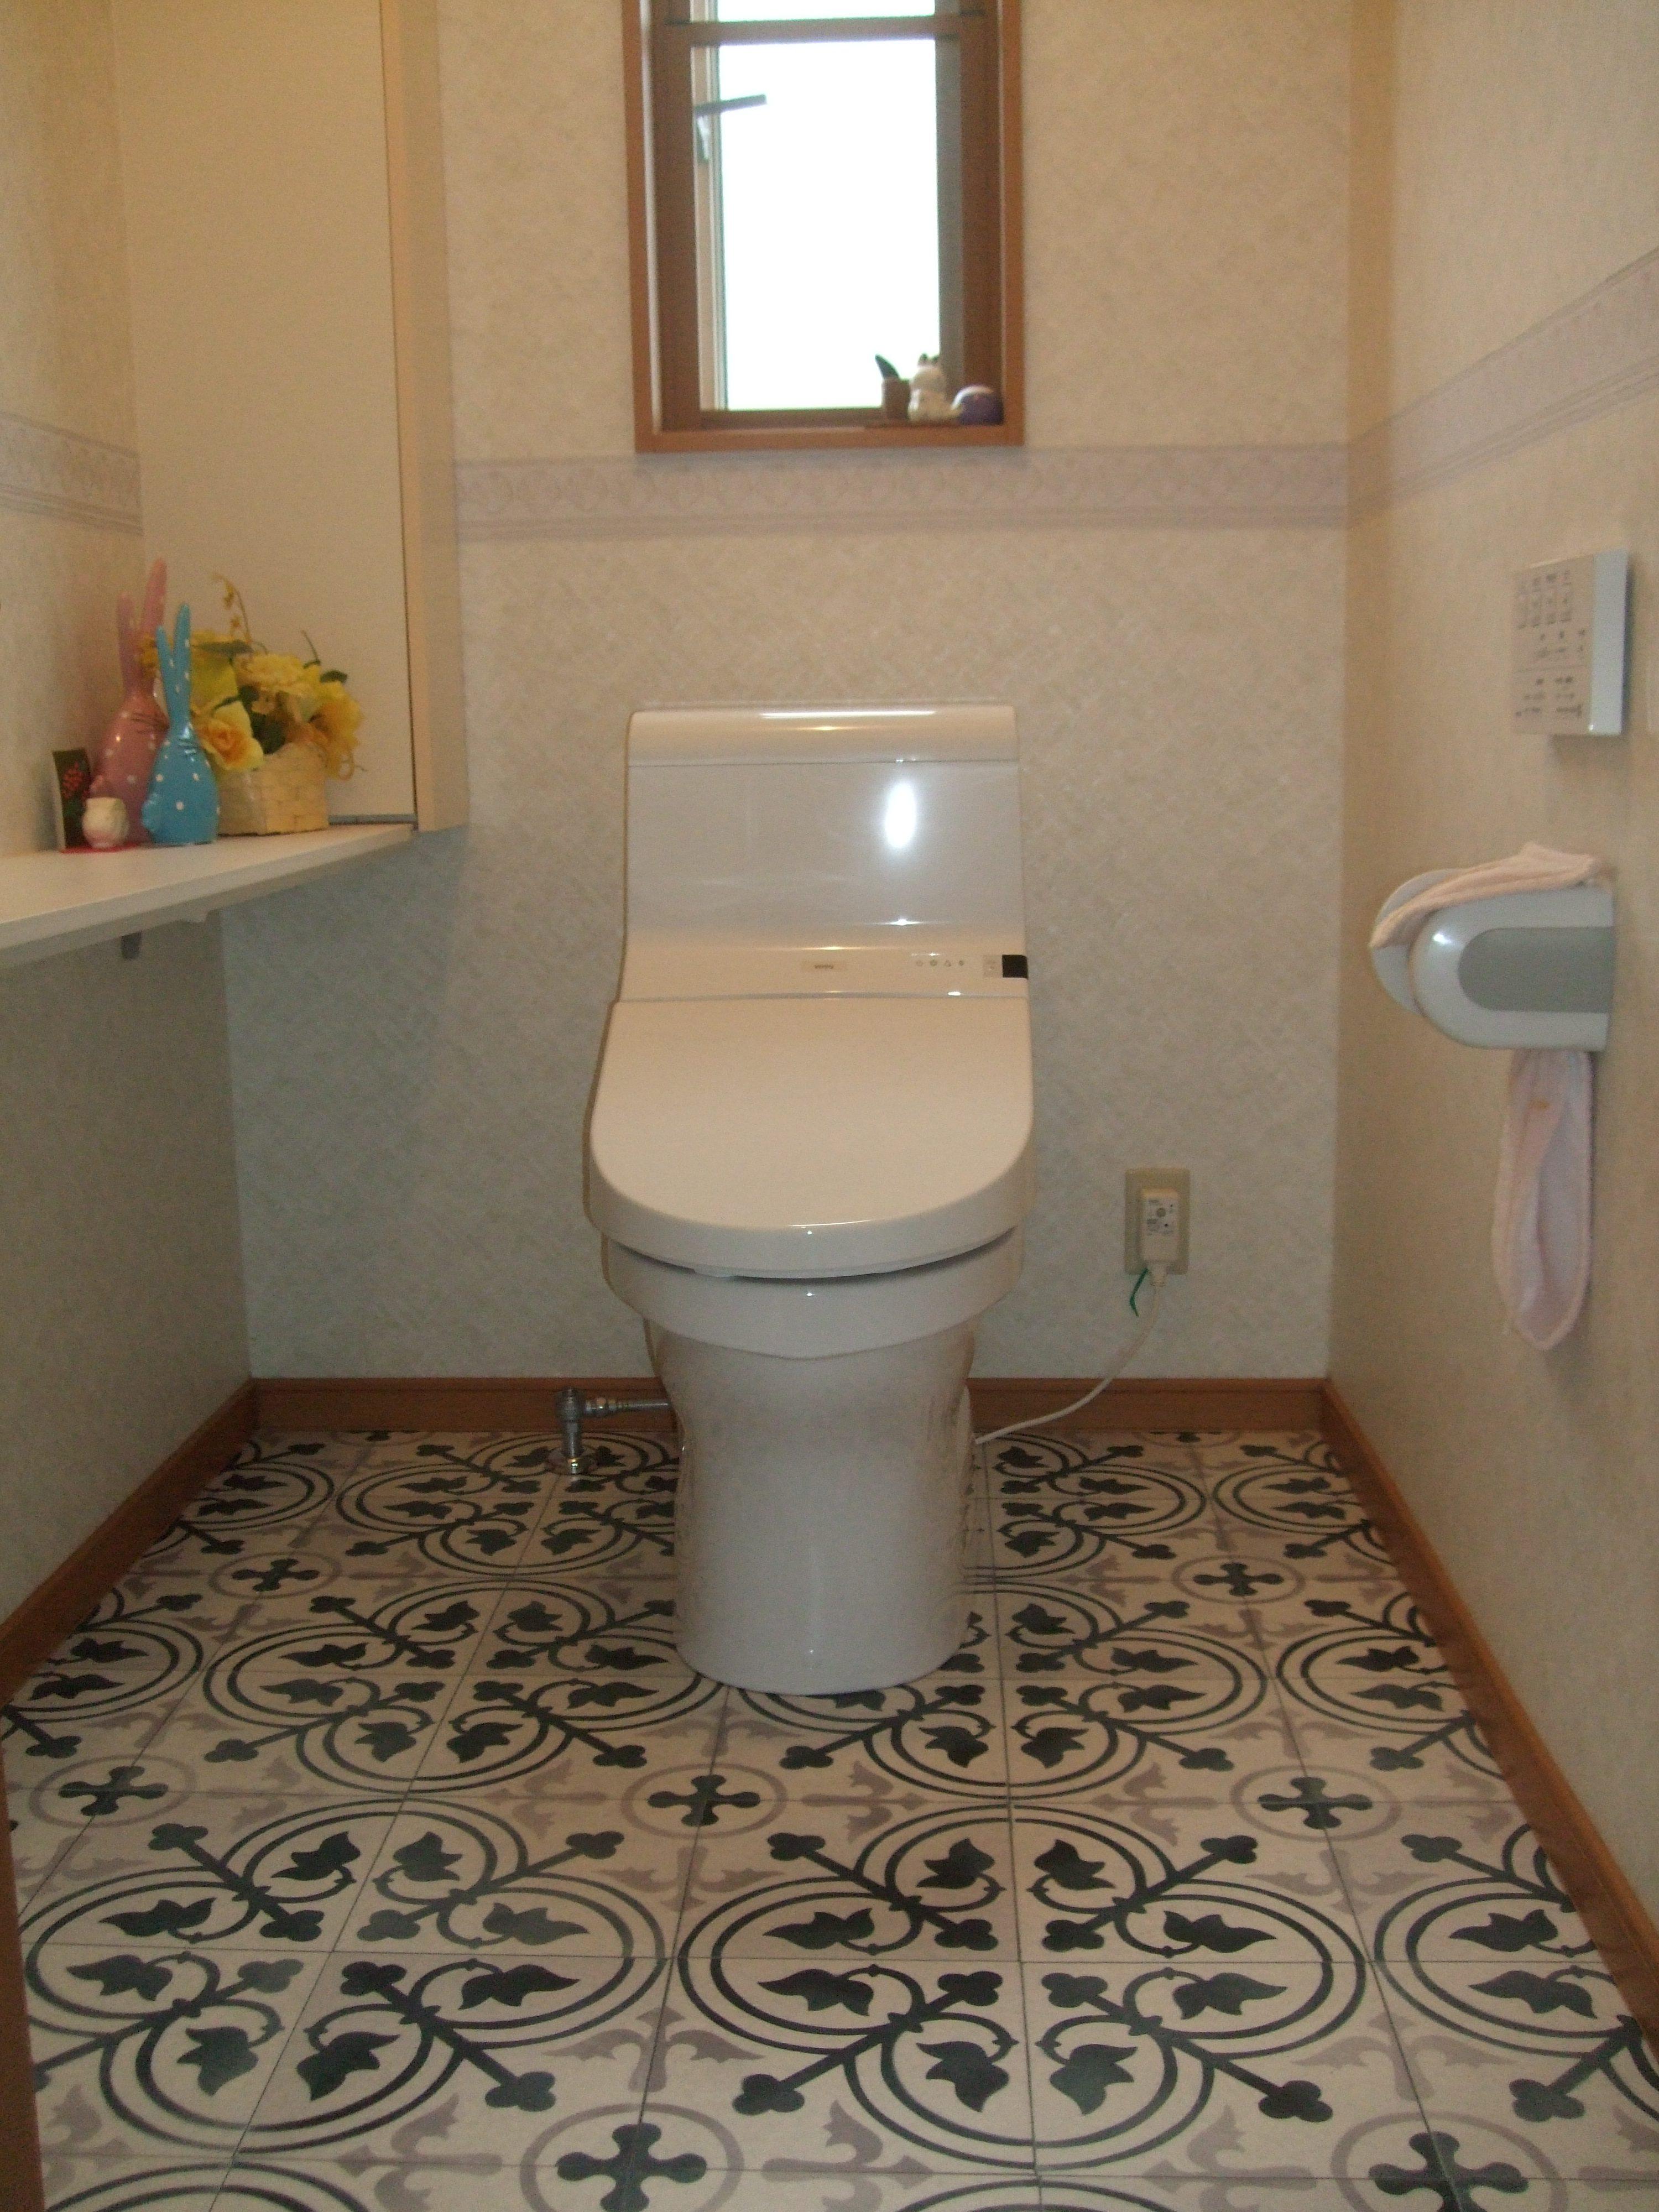 トイレ空間をオシャレにイメージチェンジ!